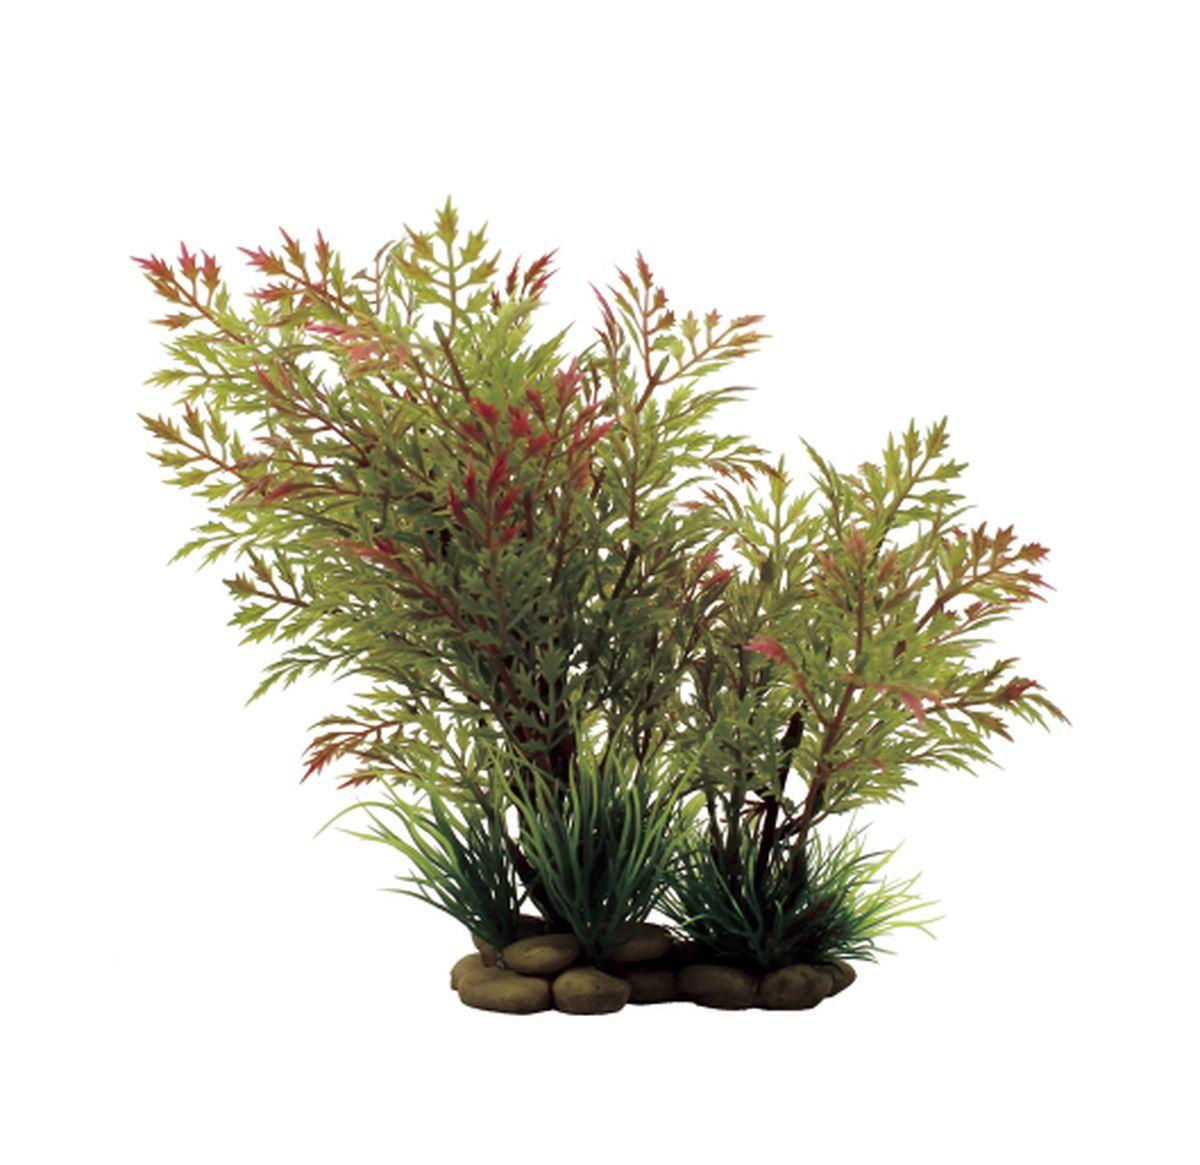 Растение для аквариума ArtUniq Папоротник водяной красно-зеленый, высота 20 смART-1150309Растение для аквариума ArtUniq Папоротник водяной красно-зеленый, высота 20 см